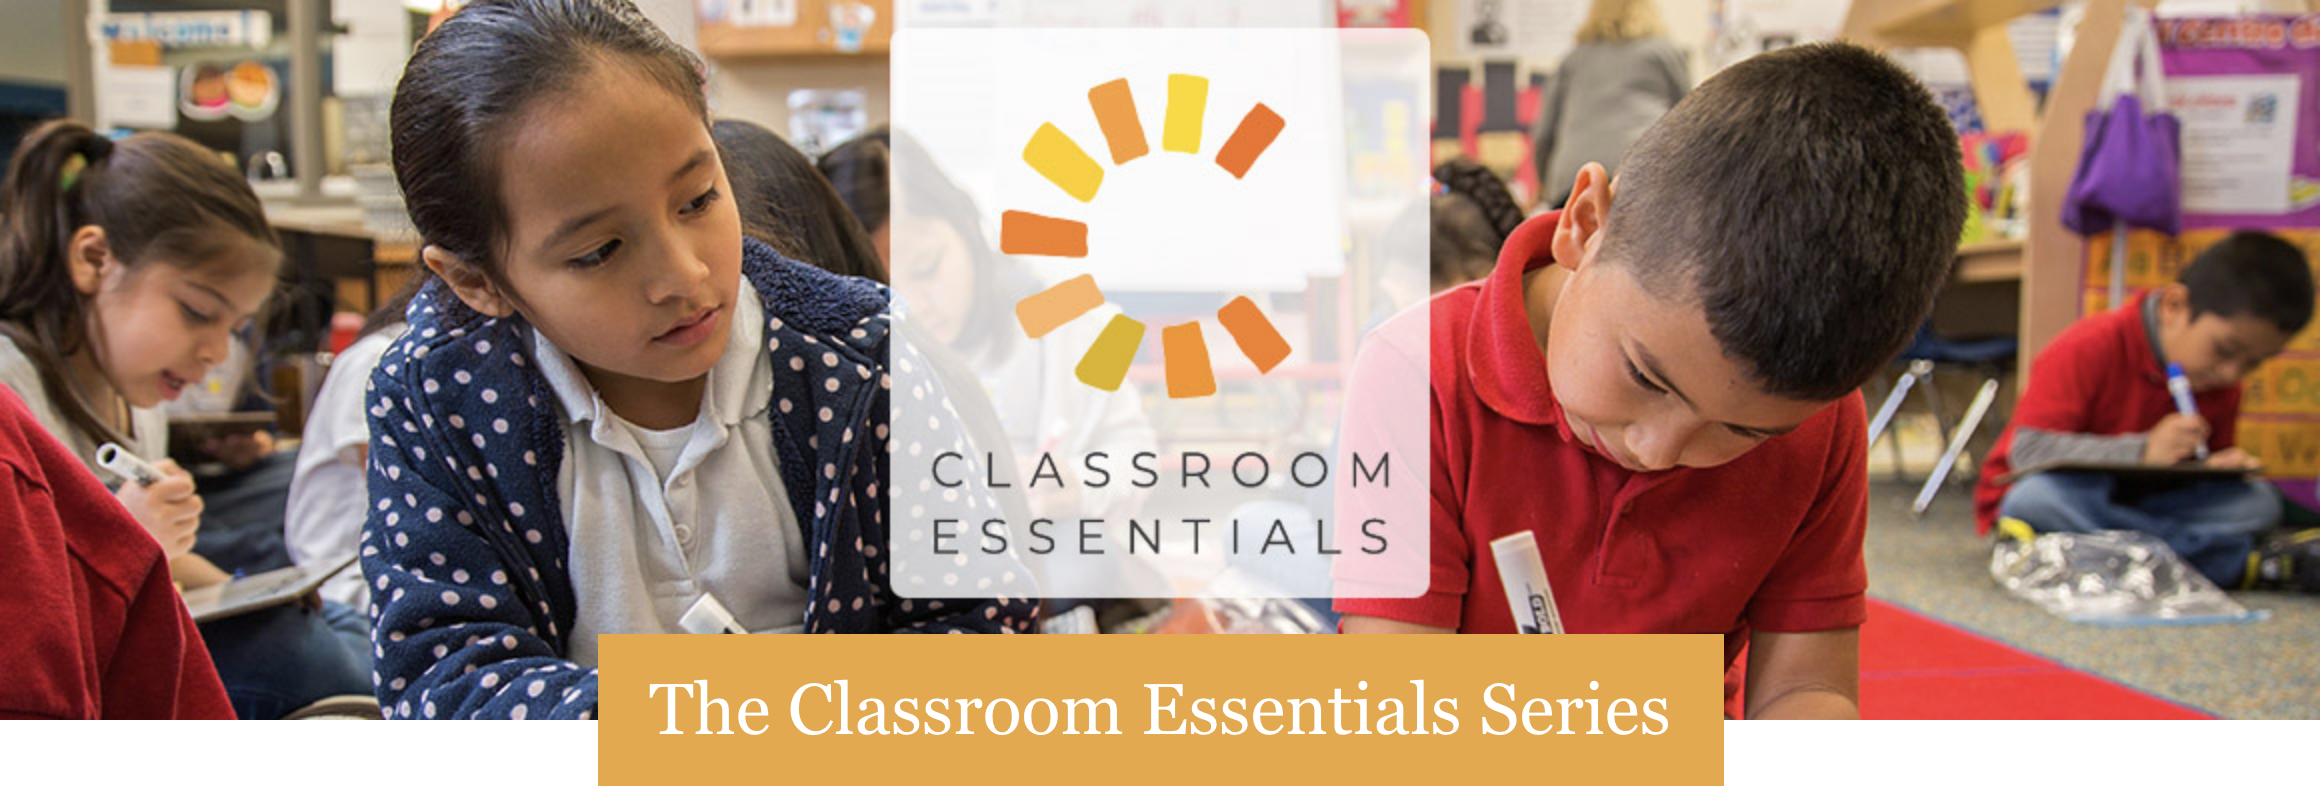 Classroom Essentials Screenshot